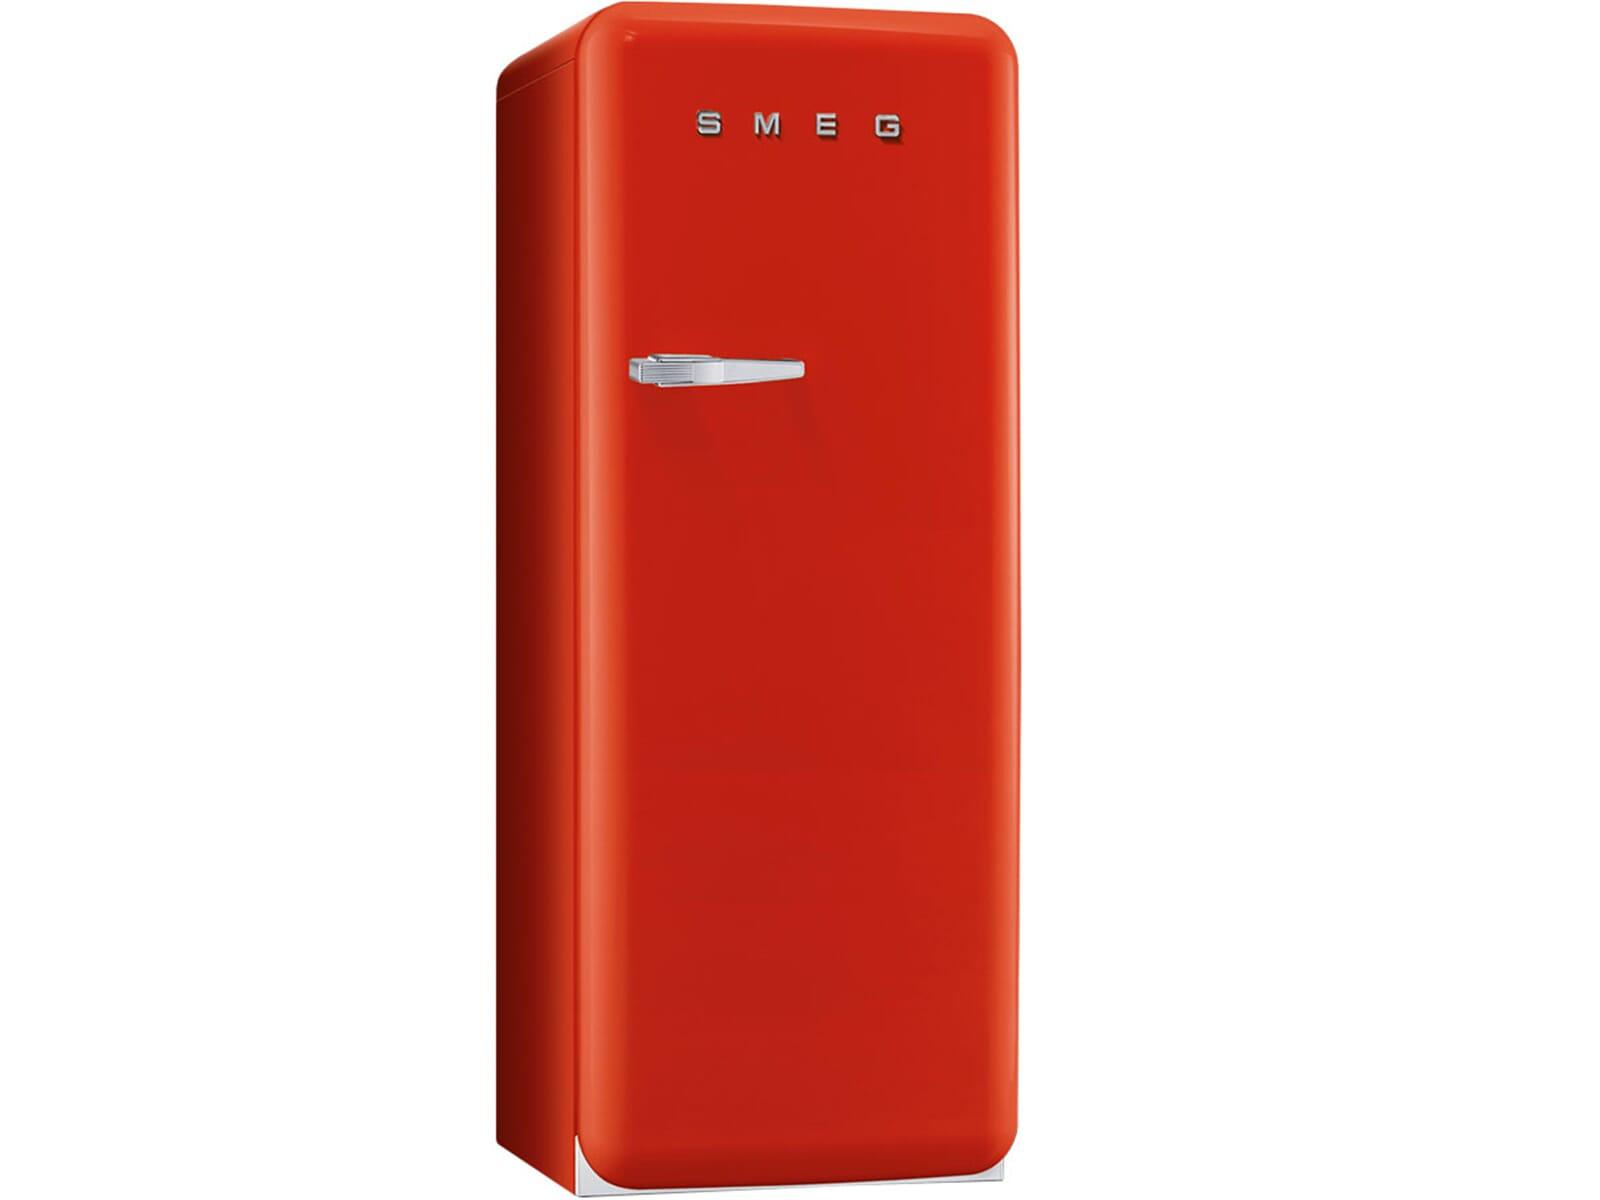 Retro Kühlschrank Medion : Amerikanischer kühlschrank rot temeka snyder blog